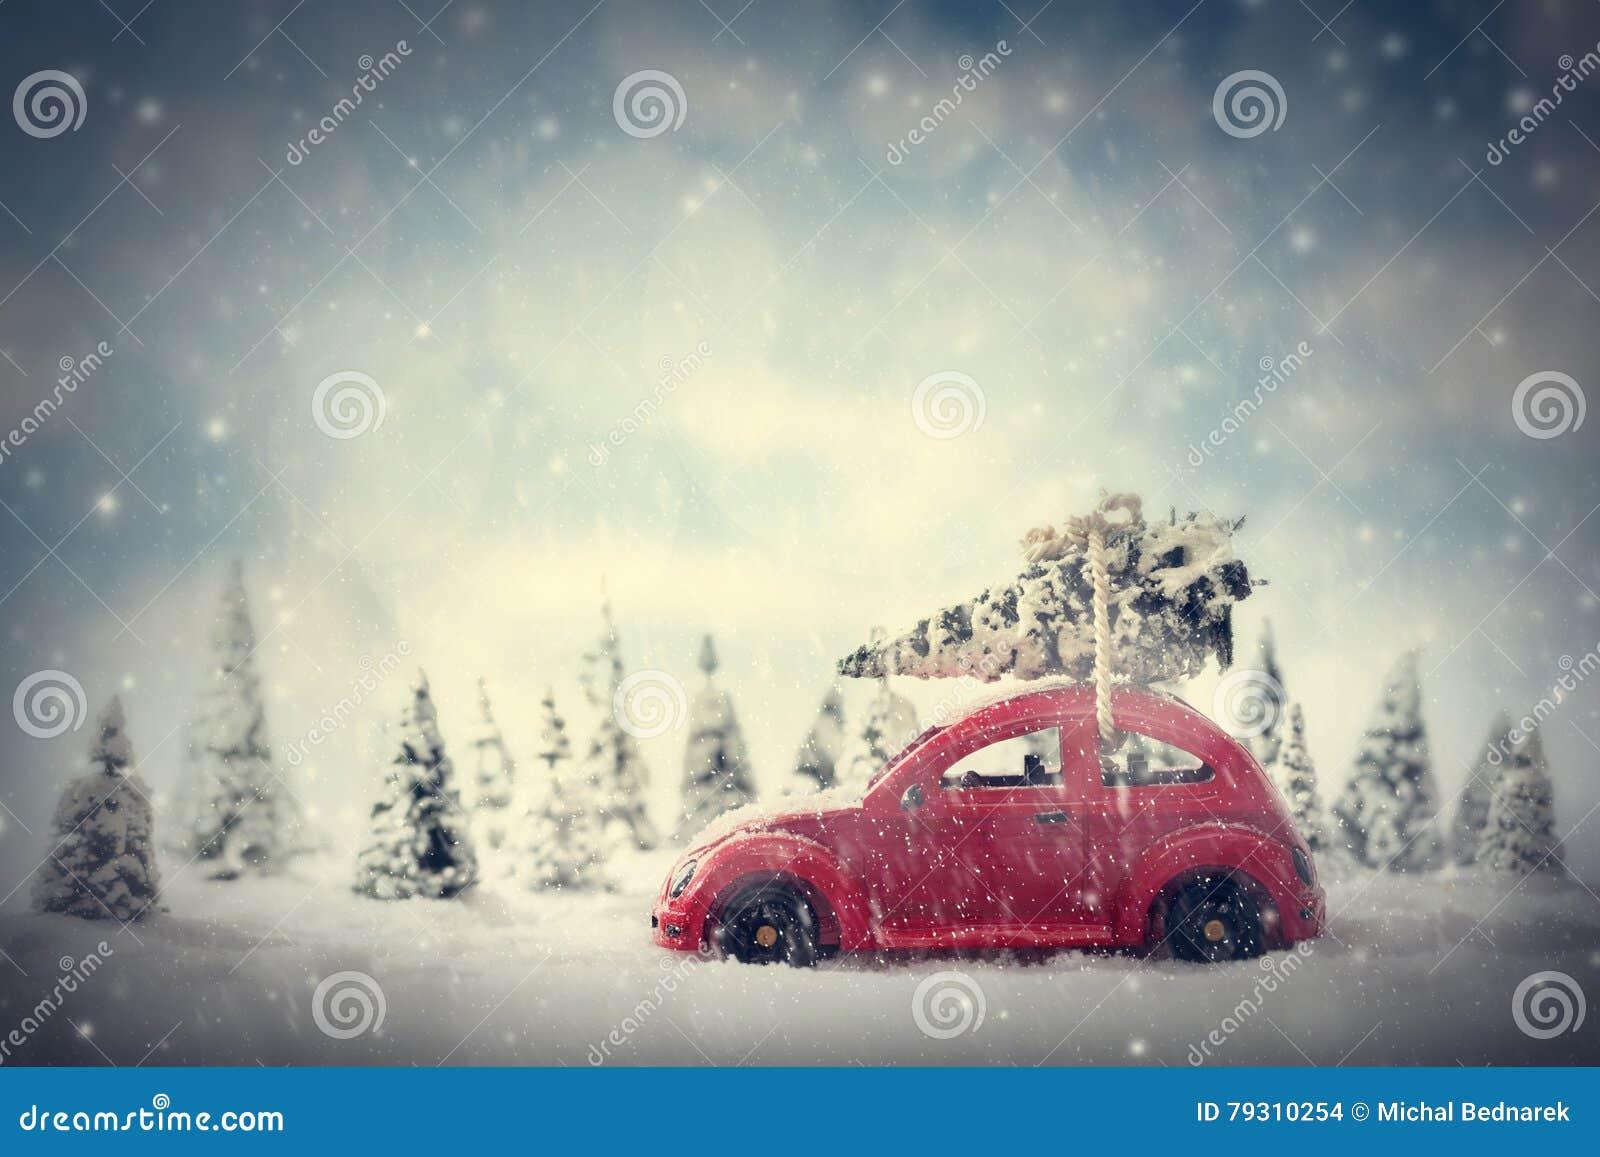 Αναδρομικό αυτοκίνητο παιχνιδιών που φέρνει το μικροσκοπικό χριστουγεννιάτικο δέντρο Τοπίο παραμυθιού με το χιόνι και το δάσος